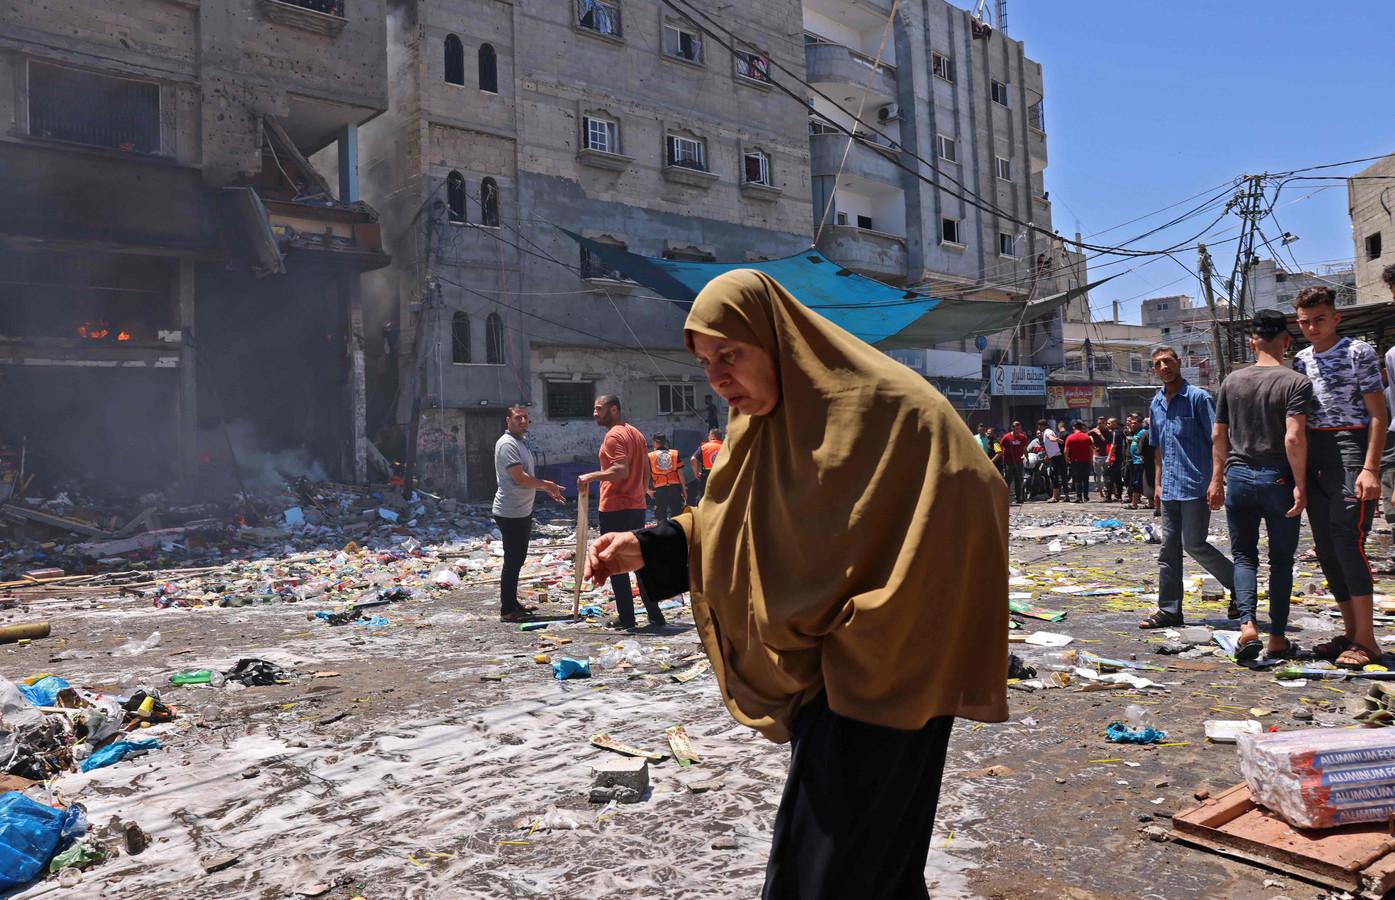 Een Palestijnse vrouw te midden van de ravage na Israëlische aanvallen op het zuiden van de Gazastrook.